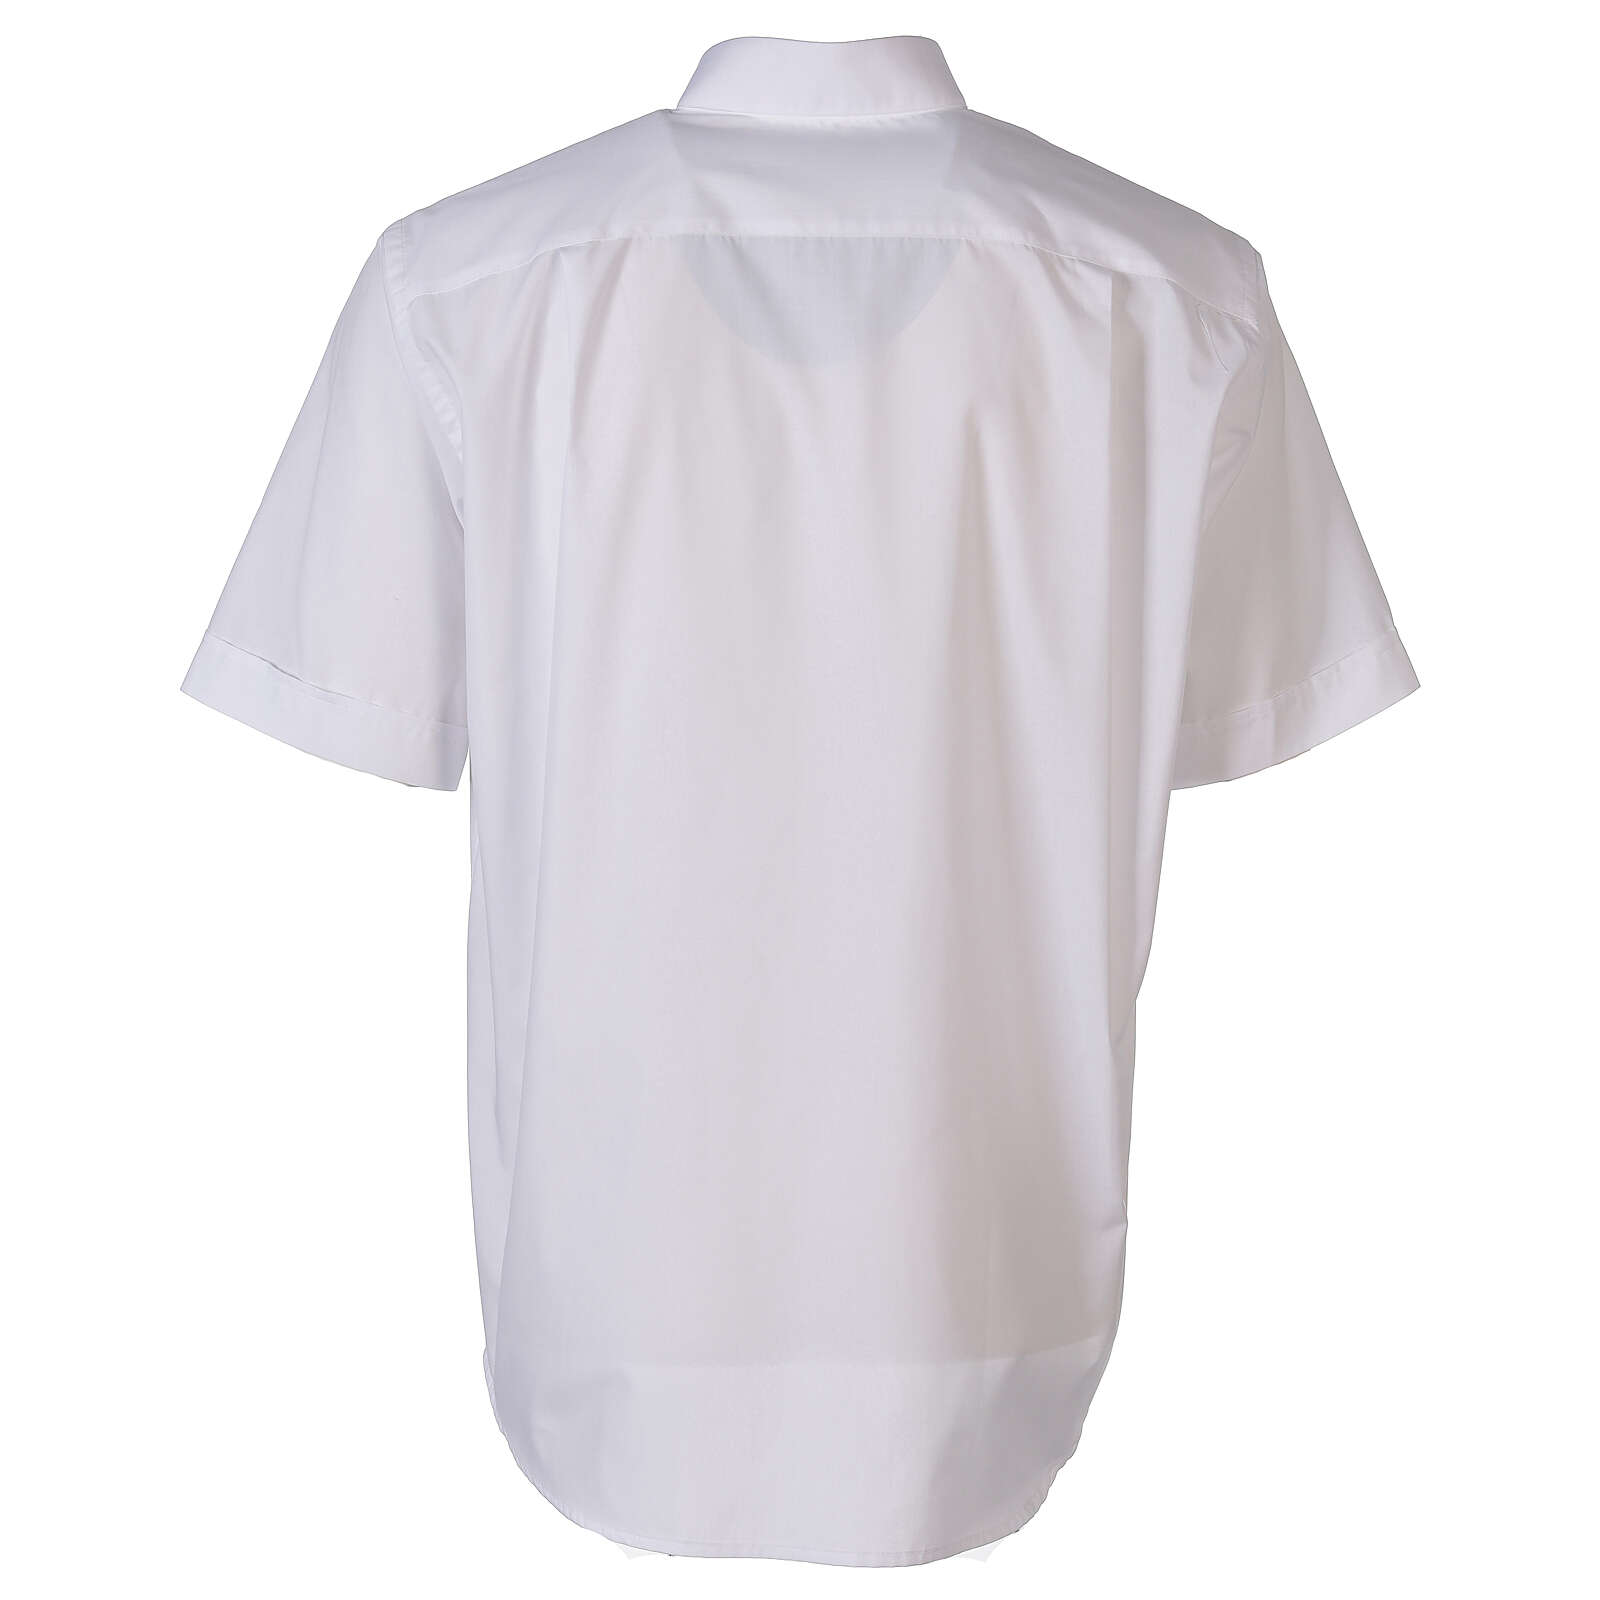 Chemise clergyman blanc uni manches courtes 4